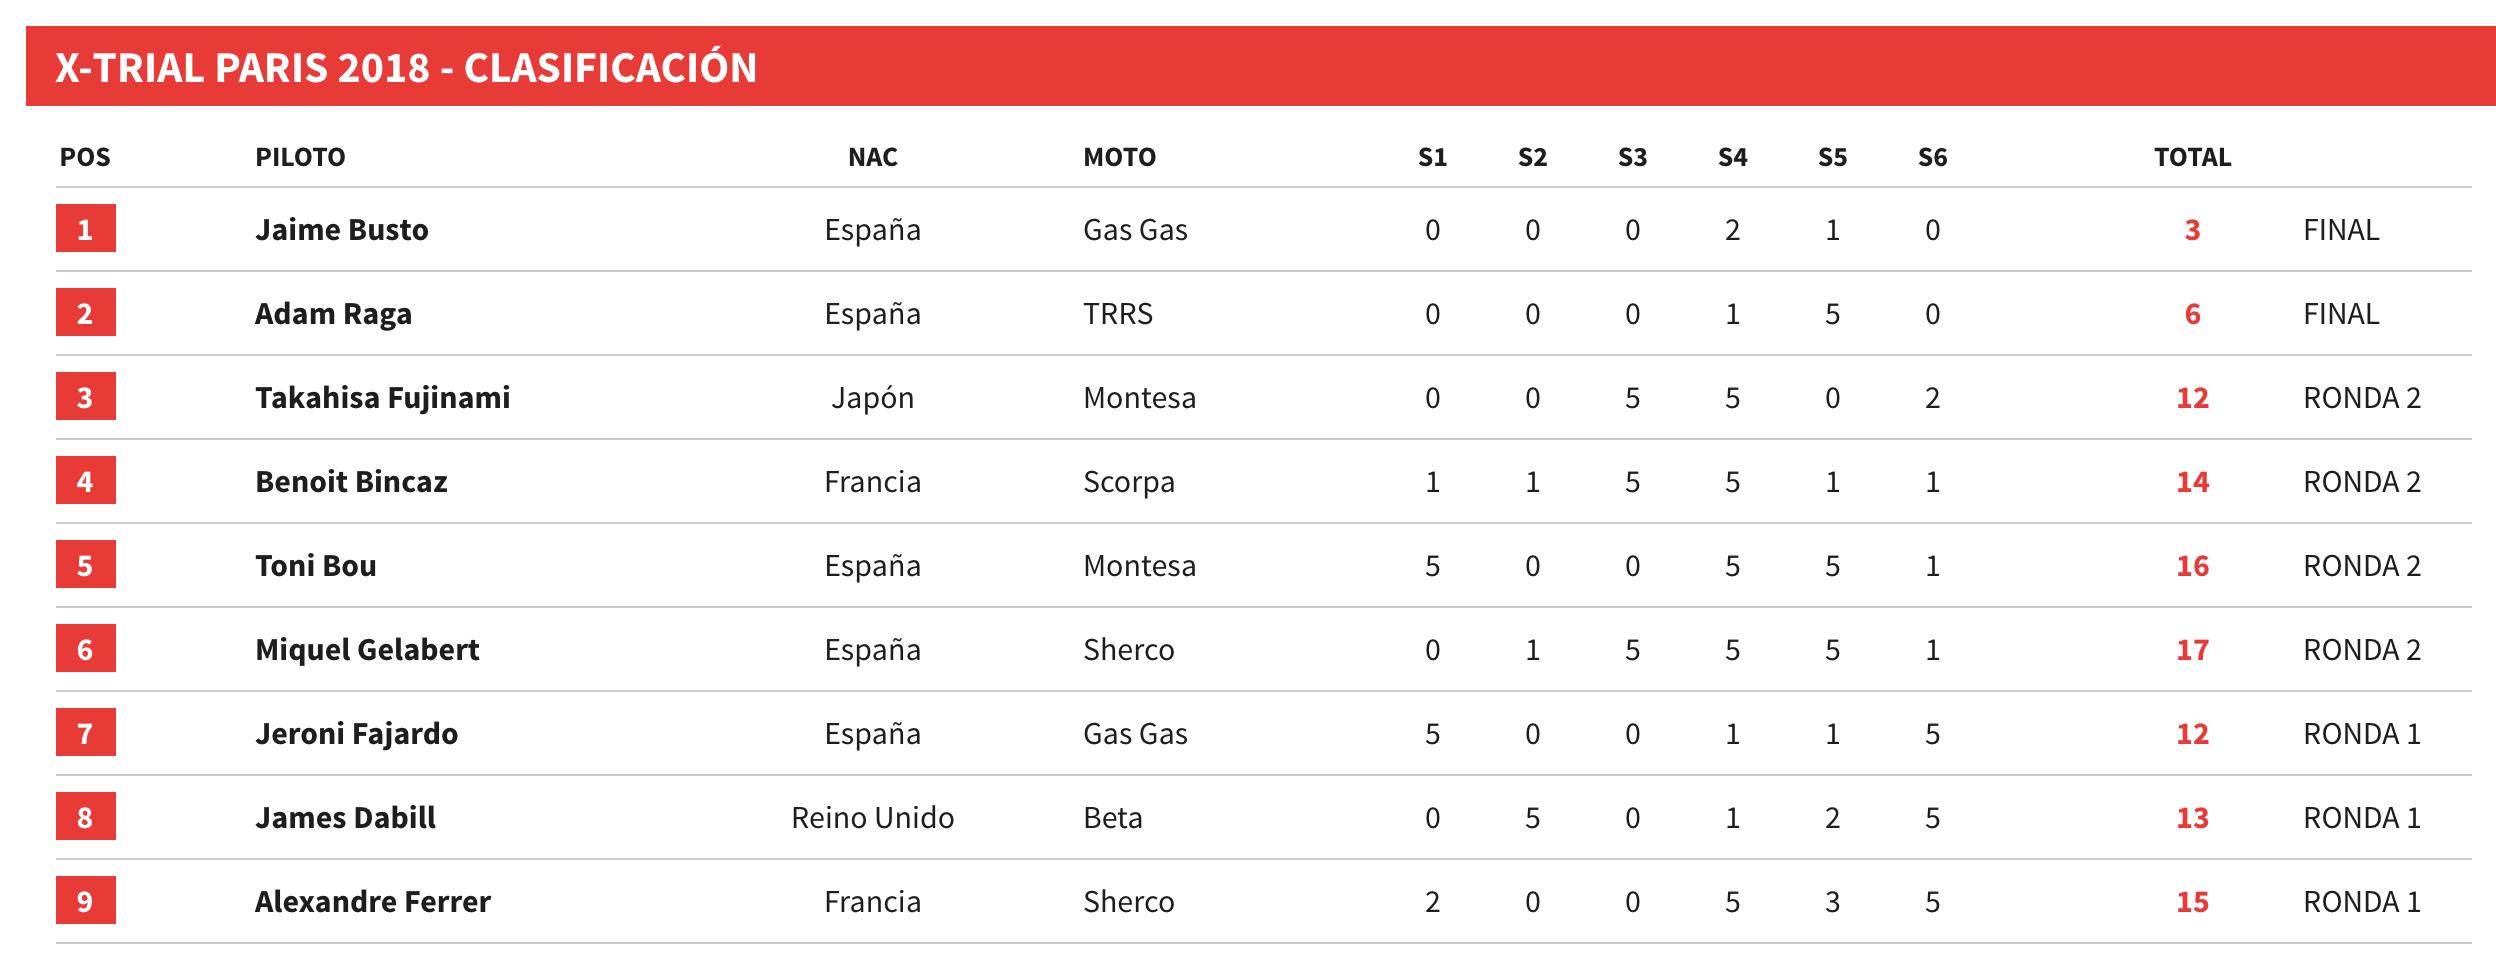 resultados xtrial paris 2018